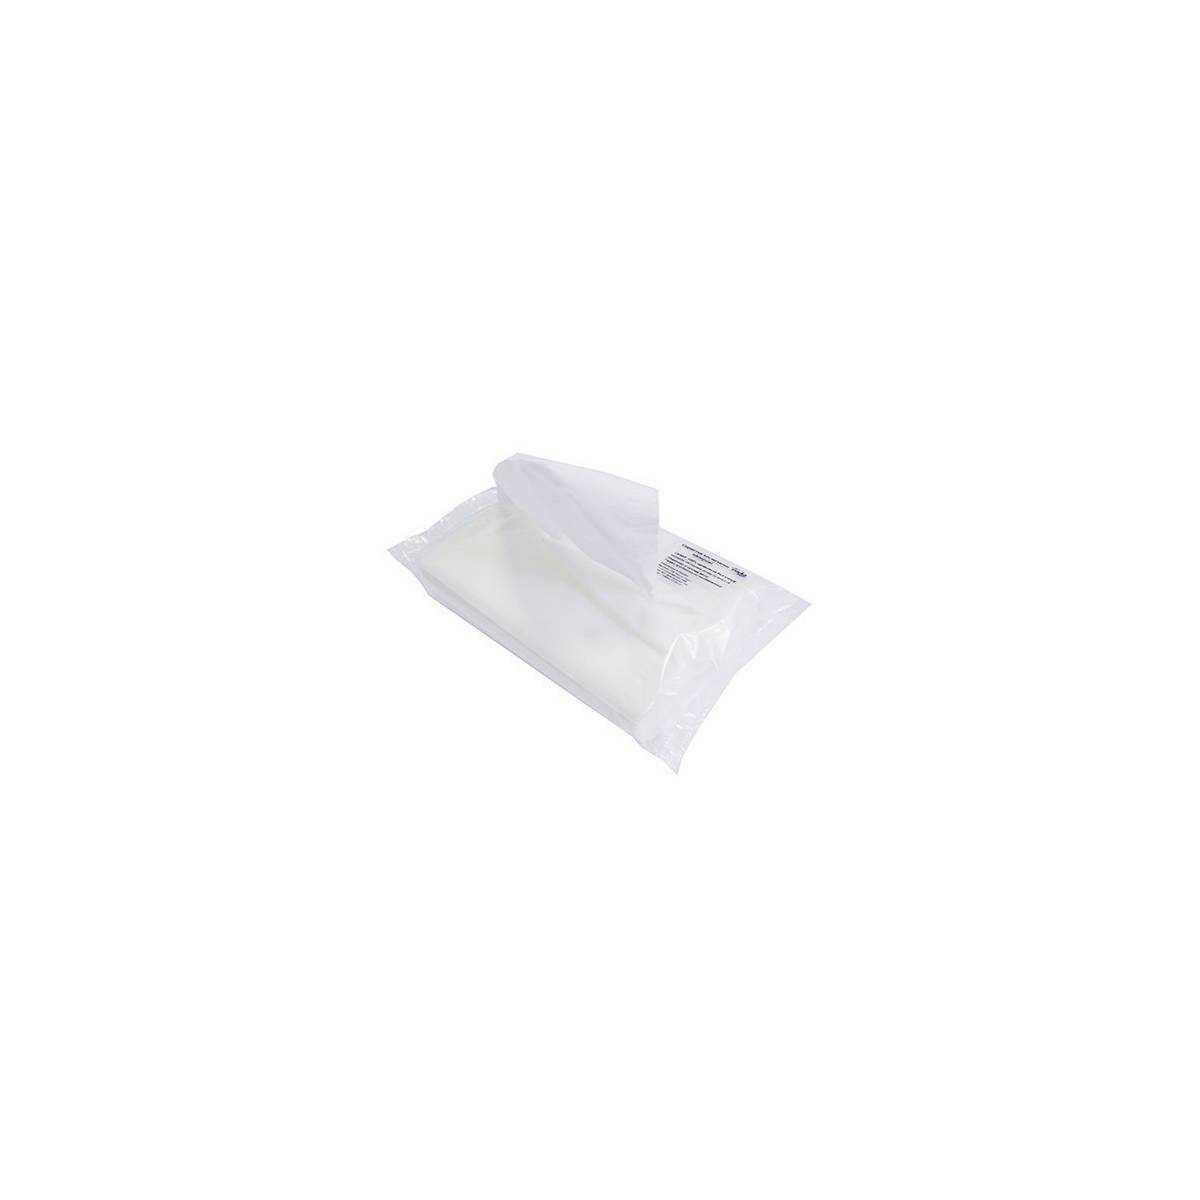 Салфетки косметические (S880) S880 Tischa Papier